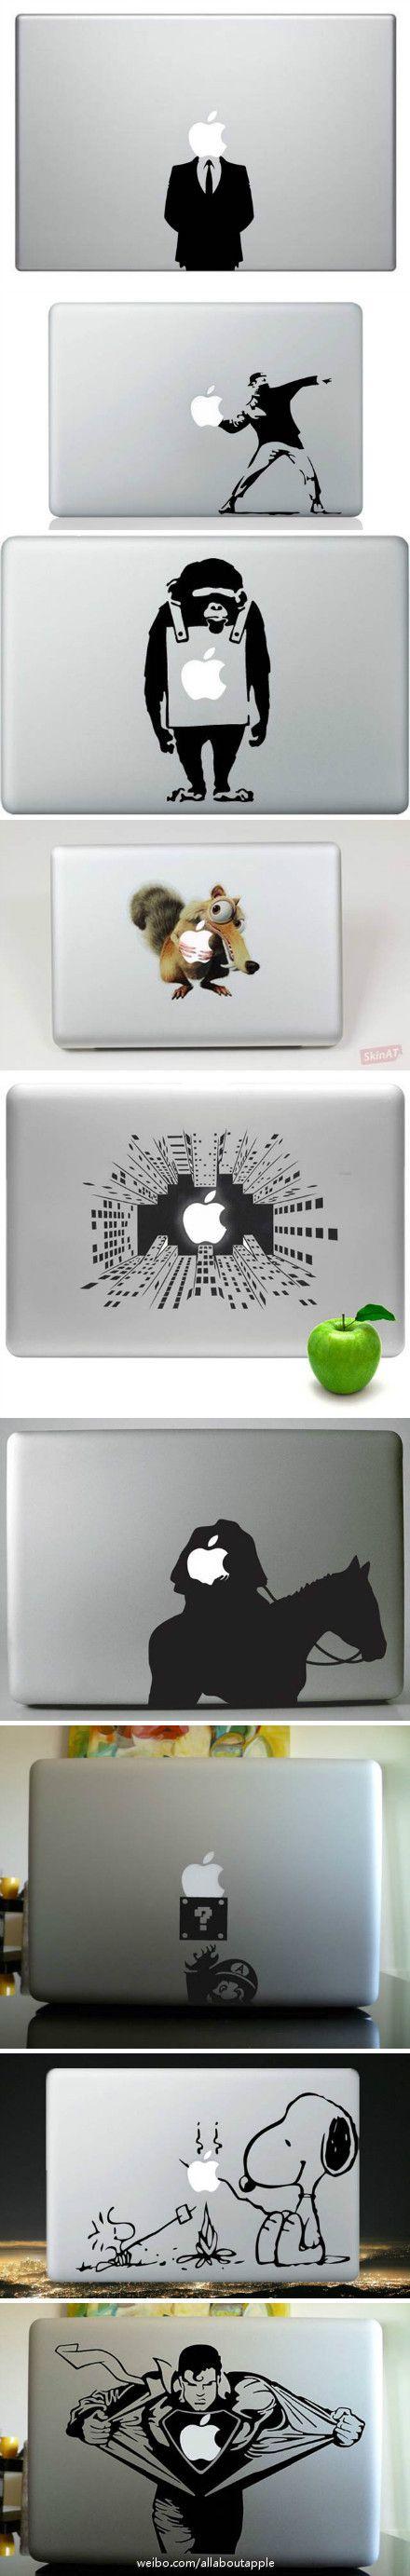 MacBook stickers :D